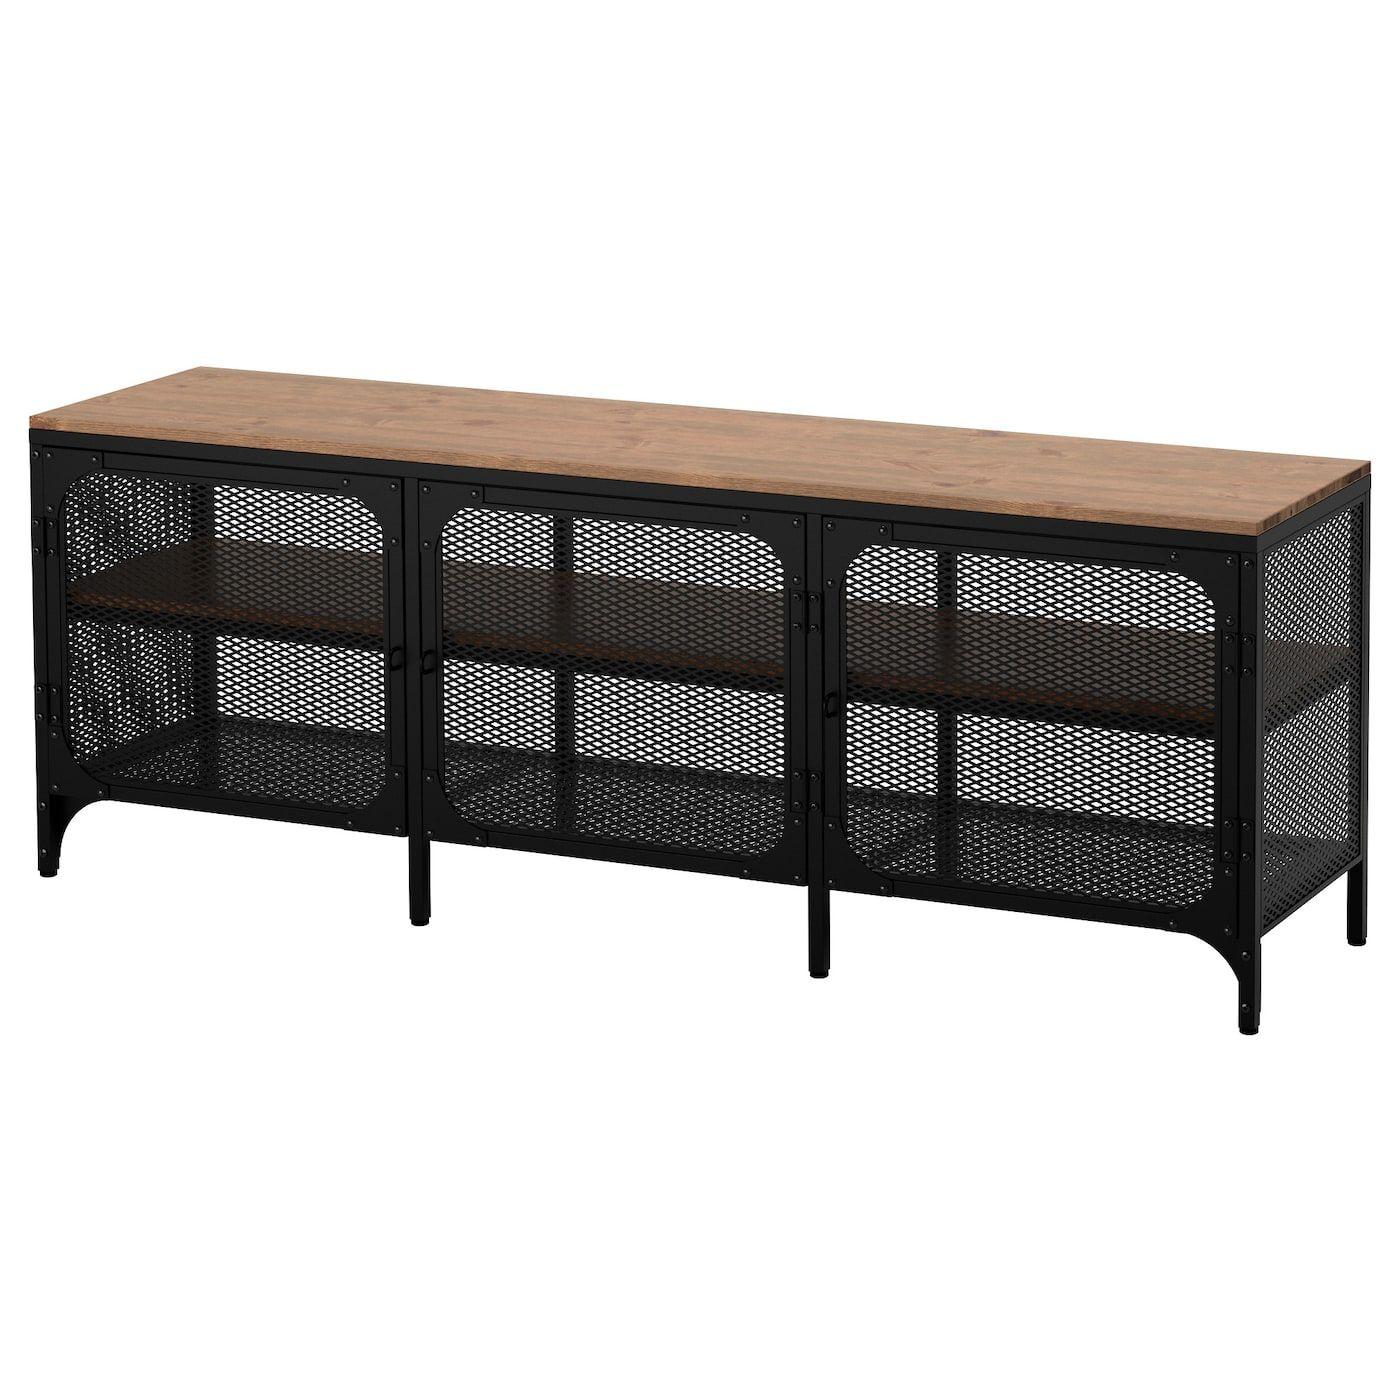 Fjallbo Banc Tv Noir 150x36x54 Cm Avec Images Fjallbo Ikea Banc Tv Mobilier De Salon